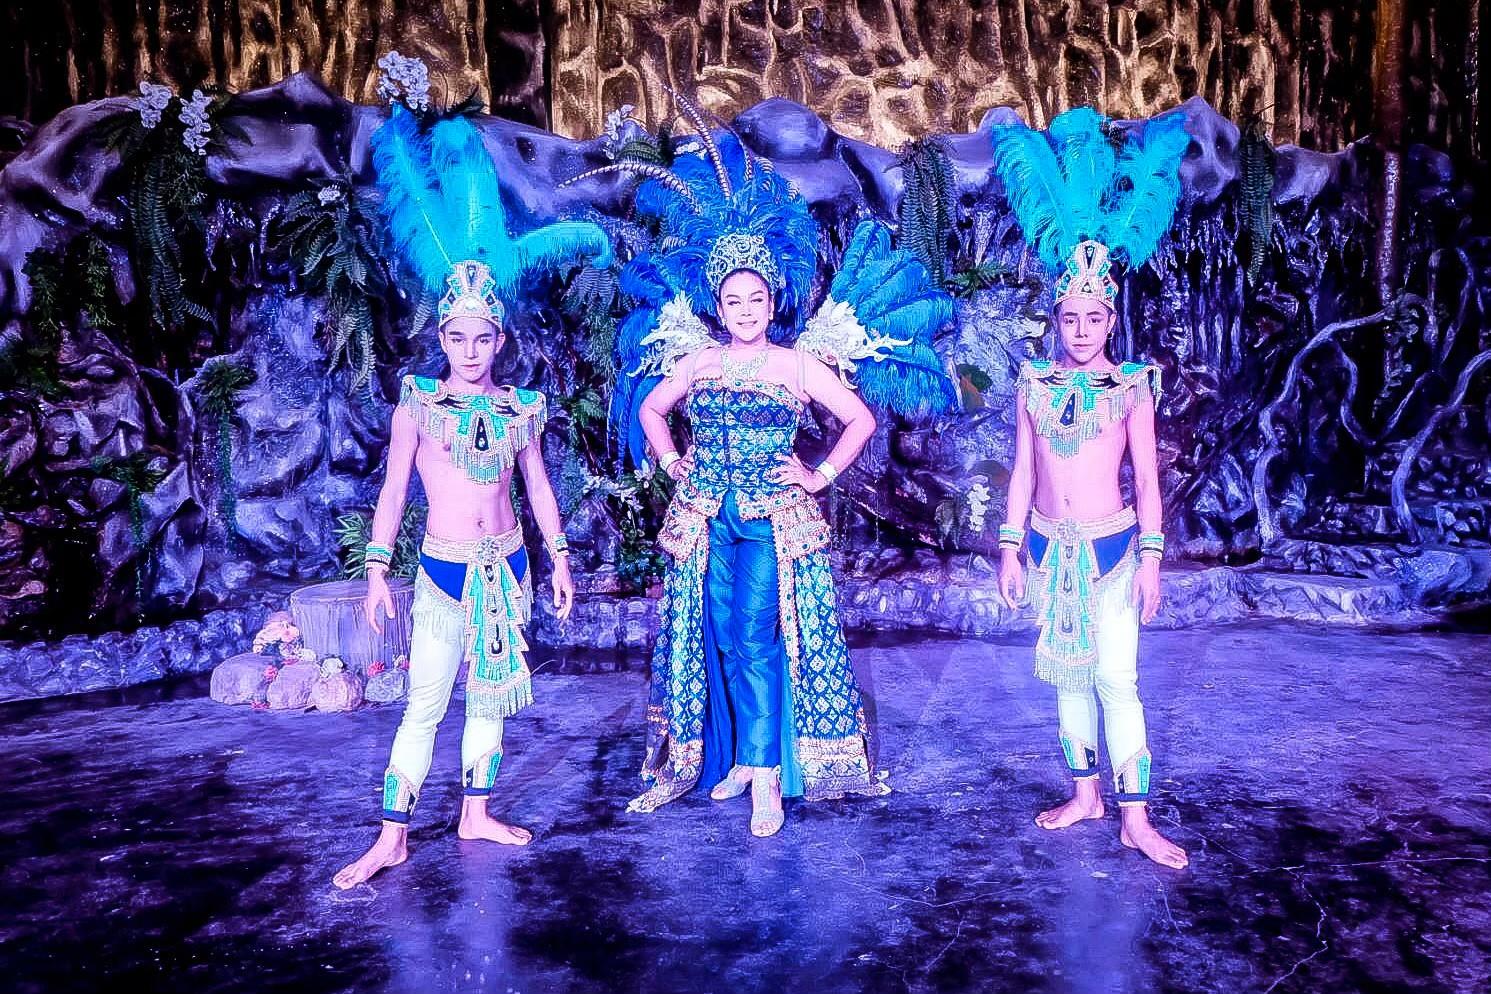 รูป คัชชาช์โชว์พัทยา Kassha Show Pattaya_200103_0045